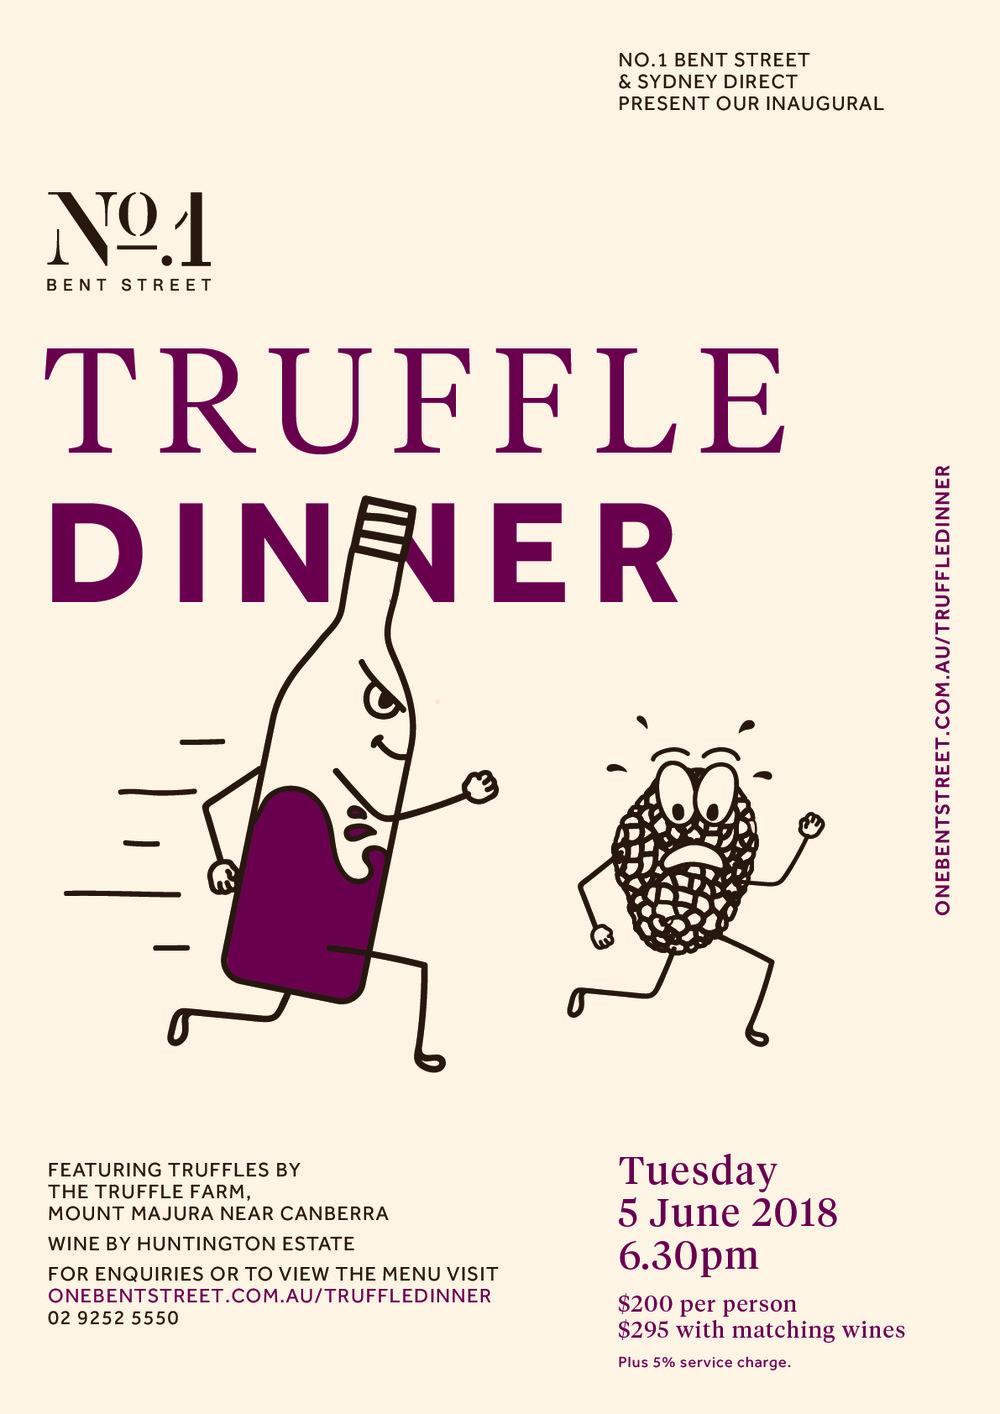 Truffle Dinner Sydney